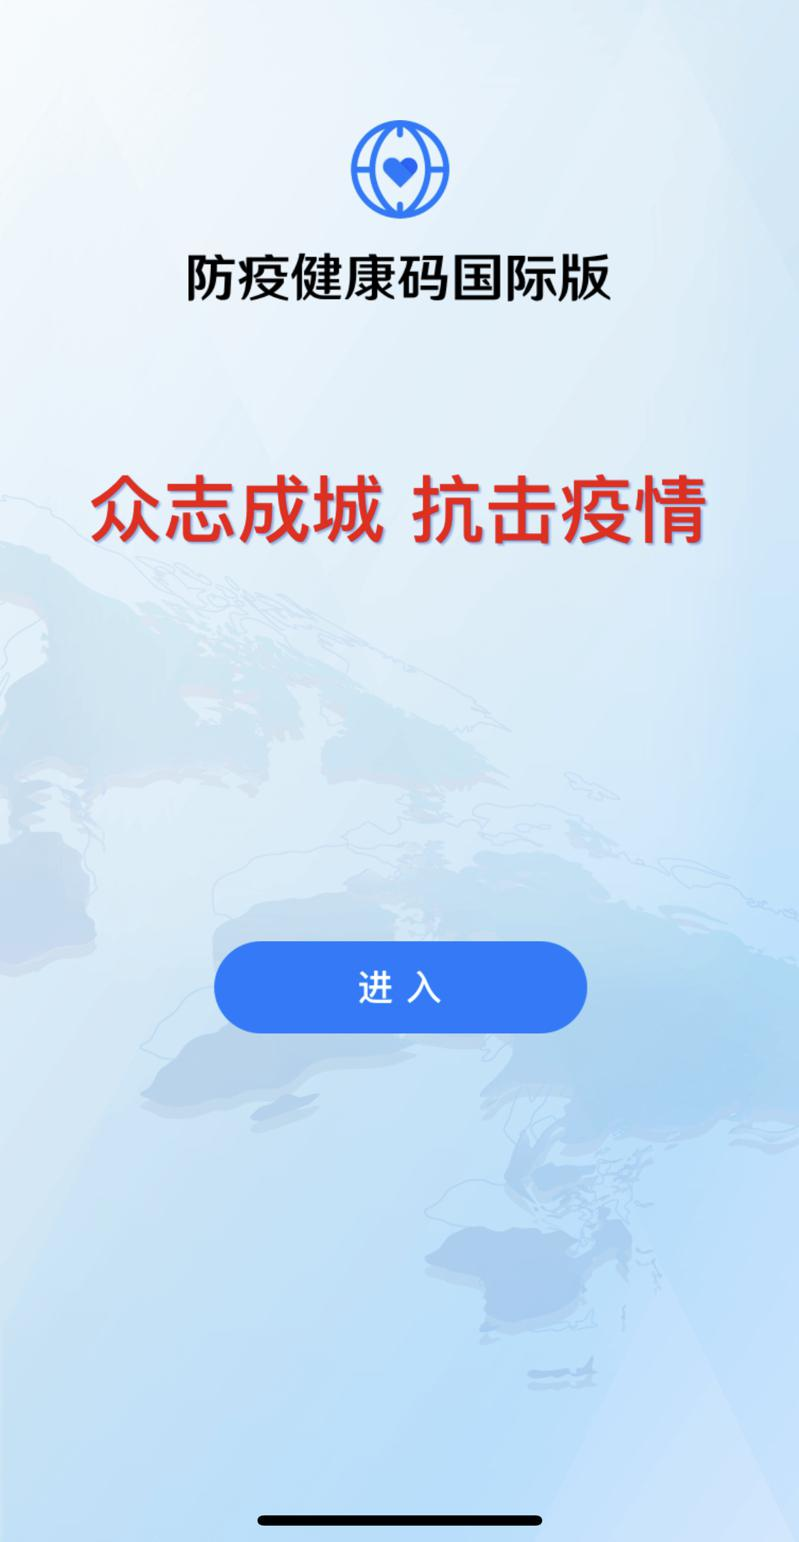 微信小程序「防疫健康碼國際版」(莫小貝提供)